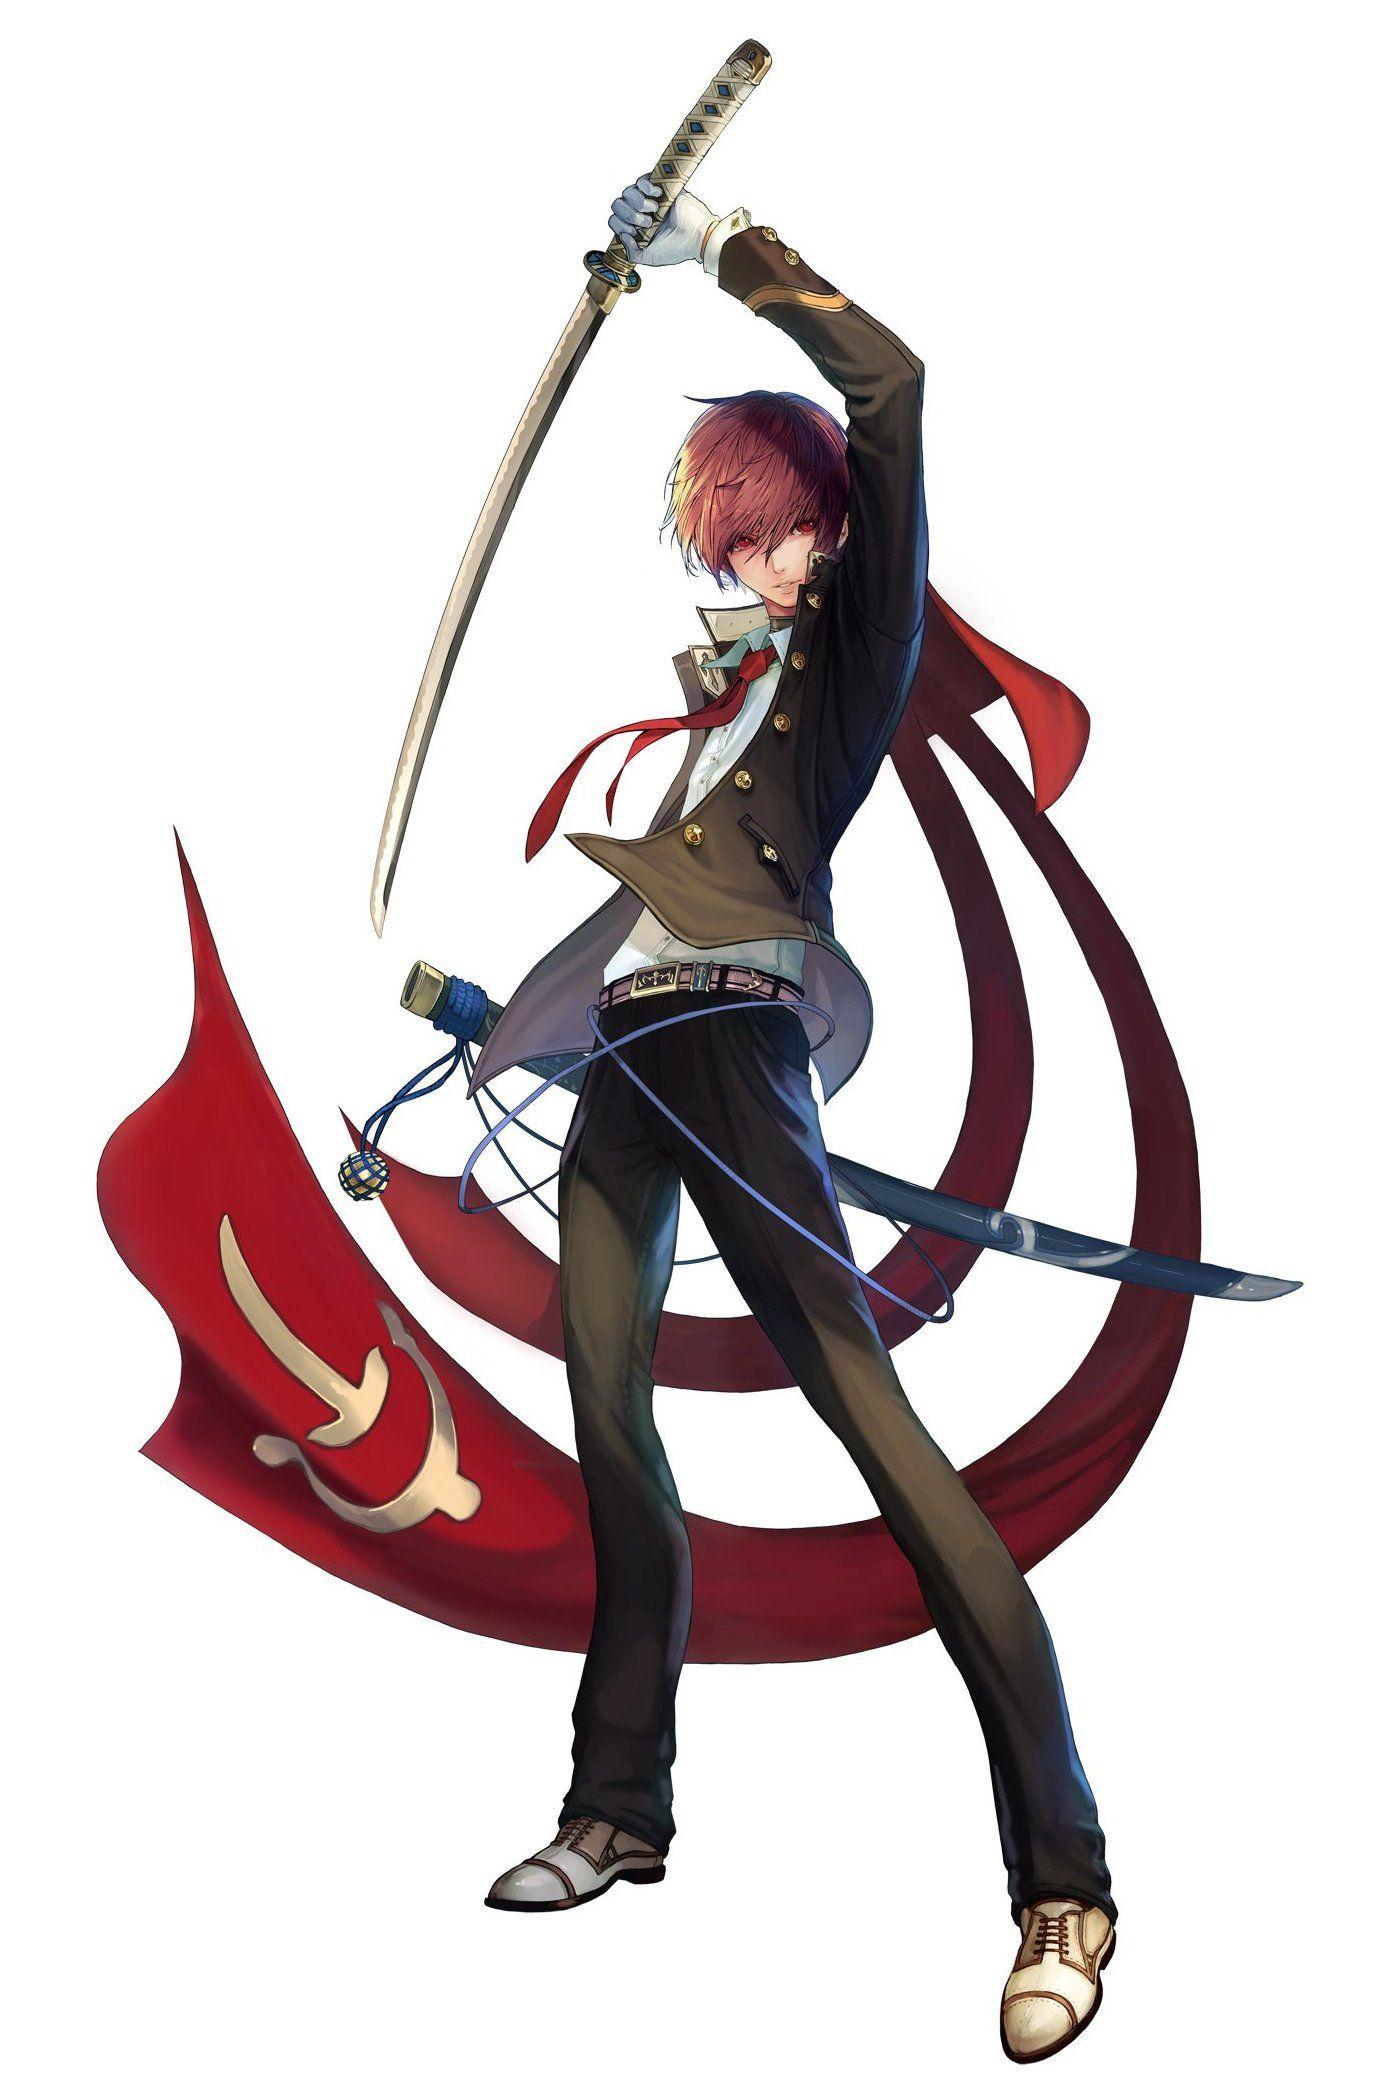 Anime Characters Katana : Anime guy with samurai swords ideas pinterest